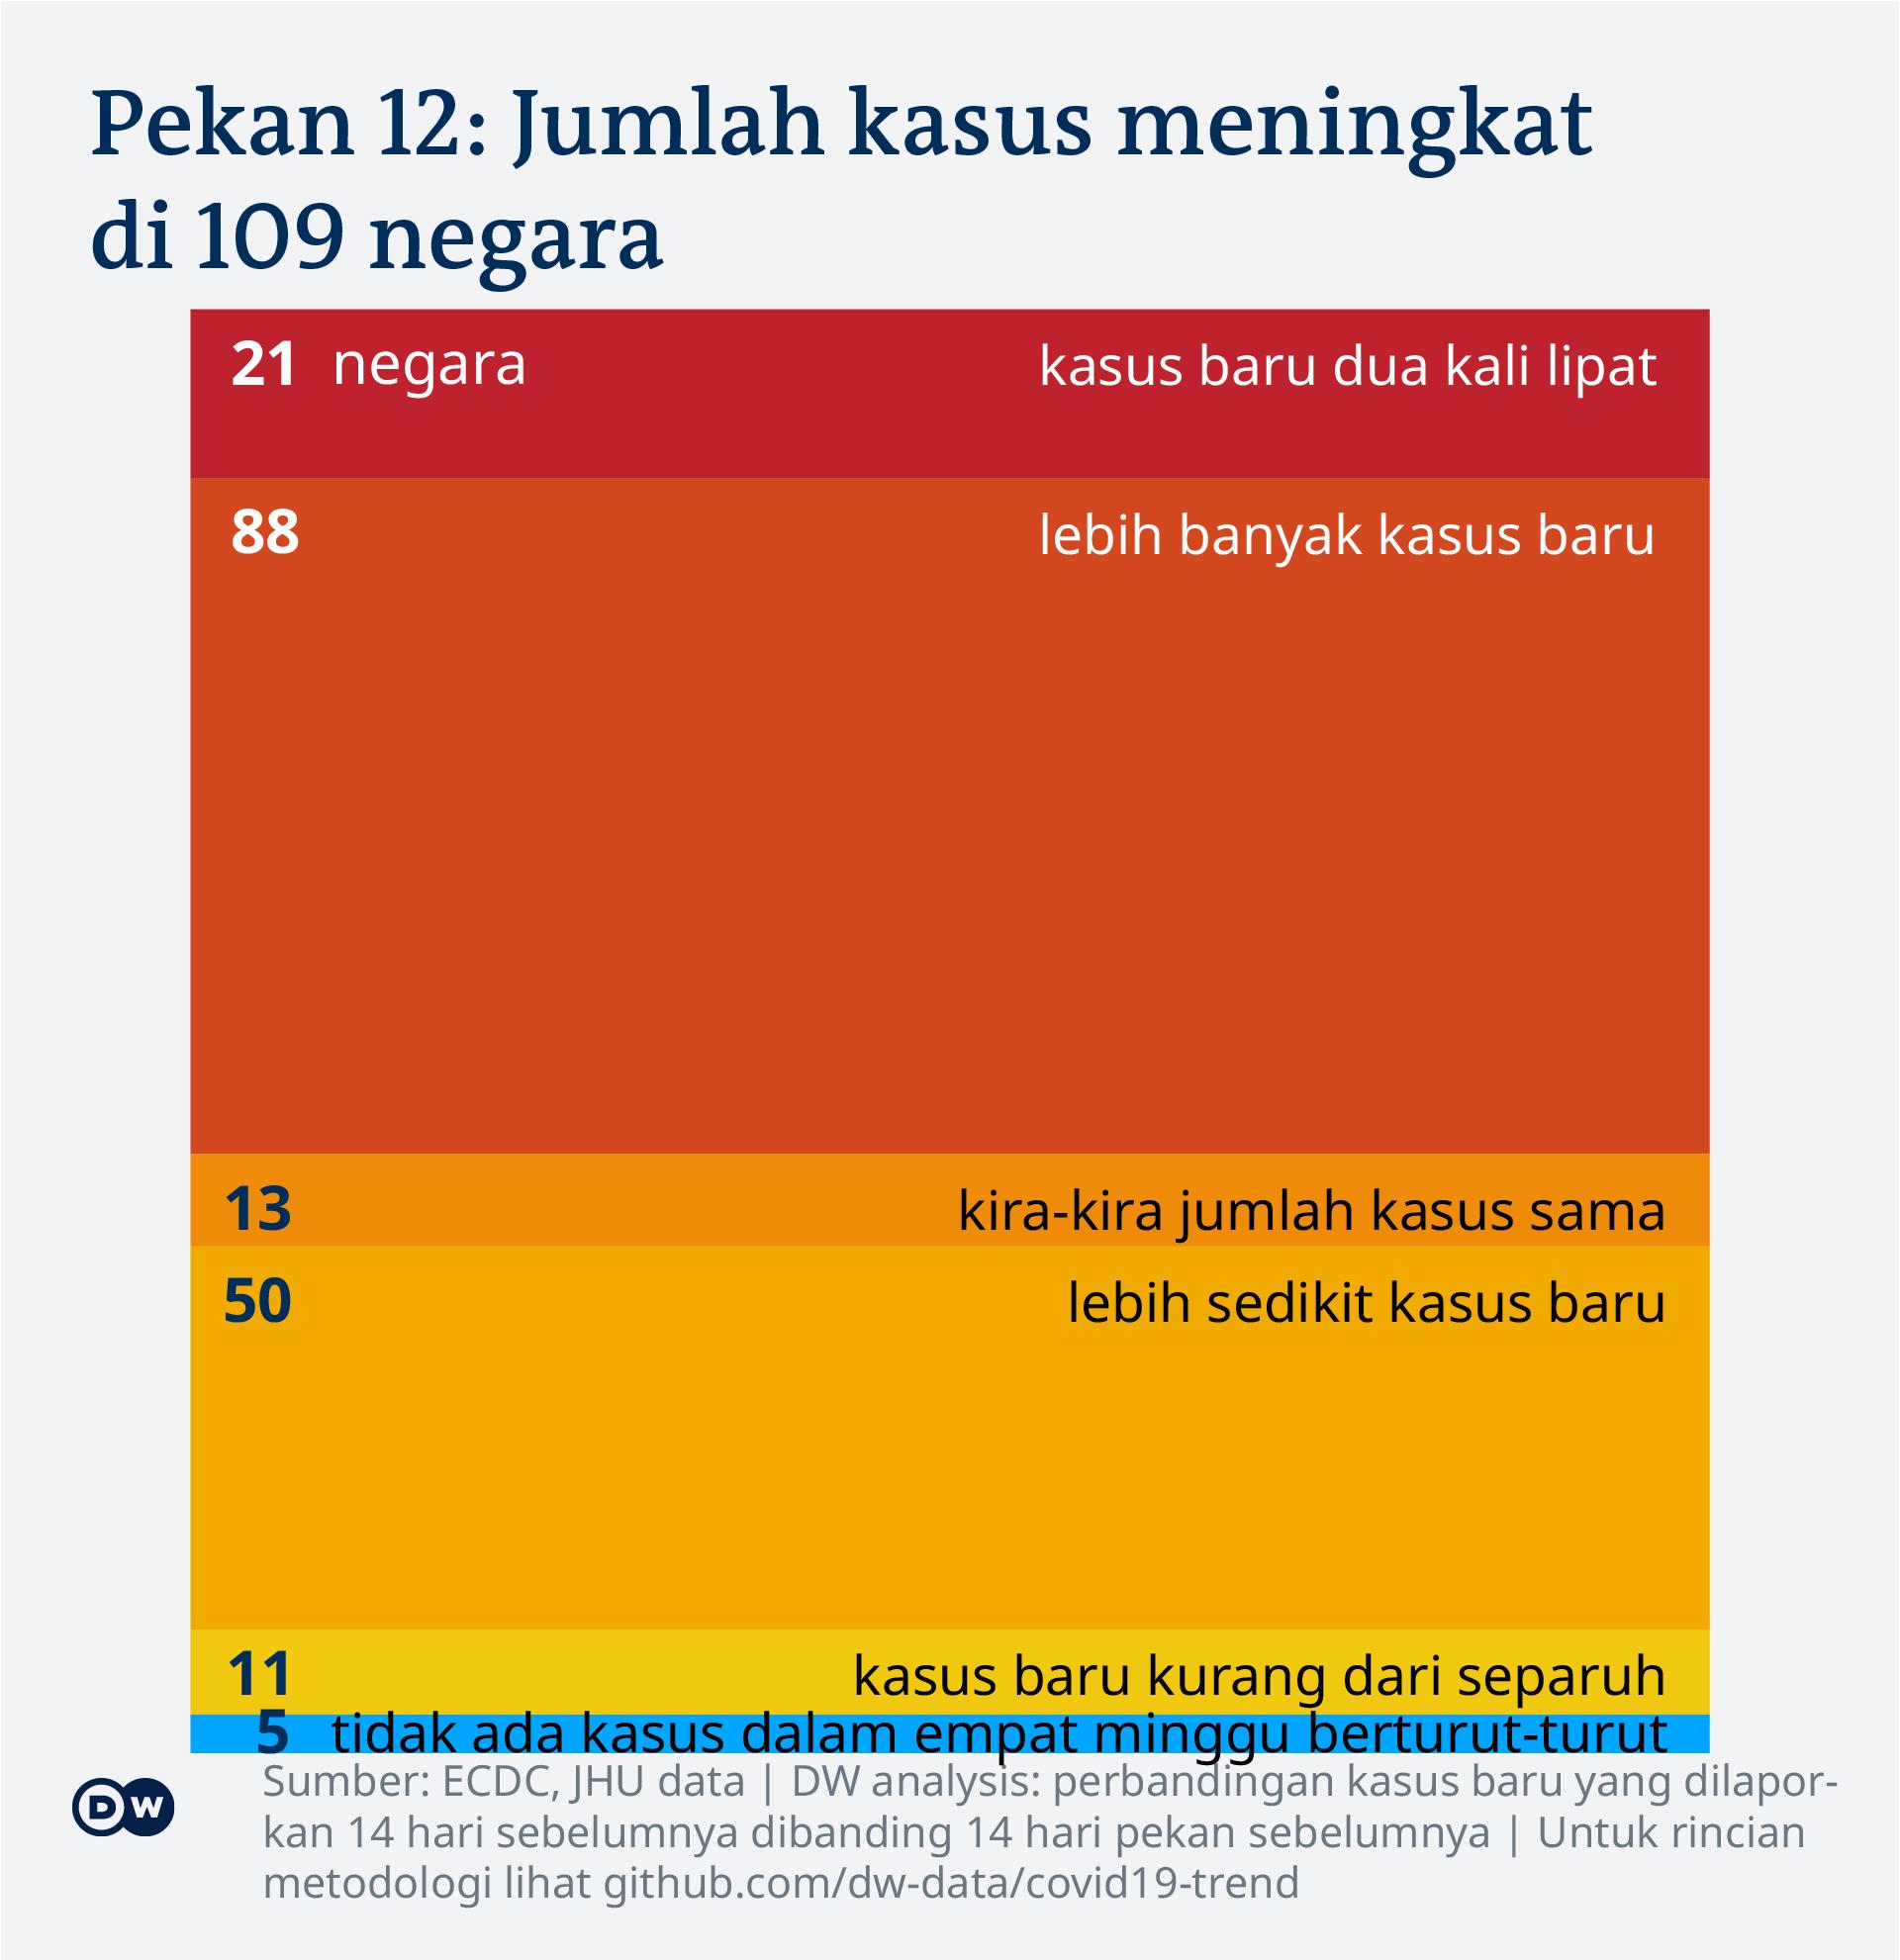 perbandingan kasus baru pekan ke-12 tahun 2021